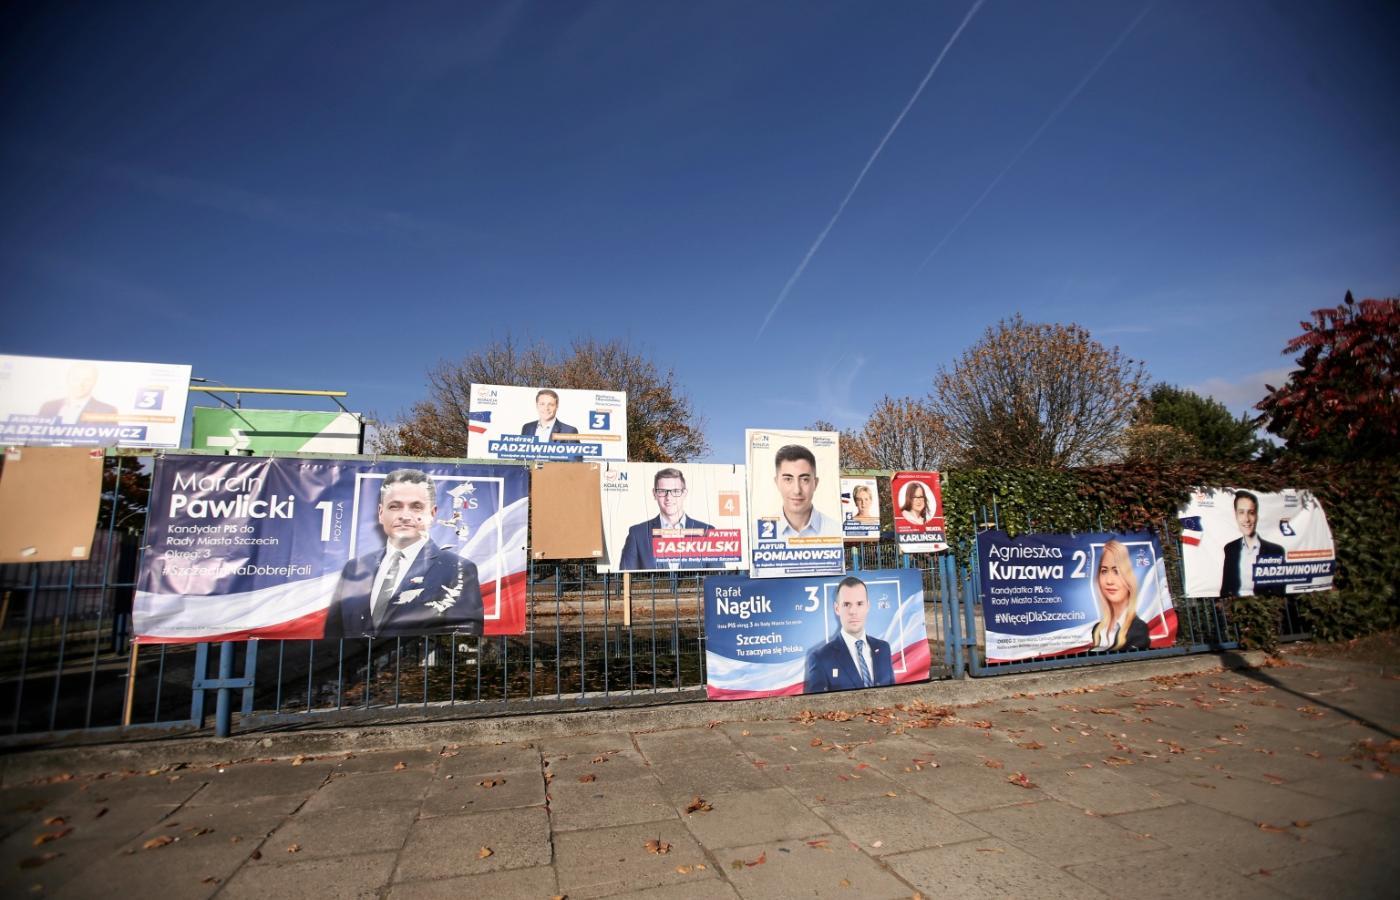 Do 20 Listopada Banery Wyborcze Muszą Zniknąć Co Z Nimi